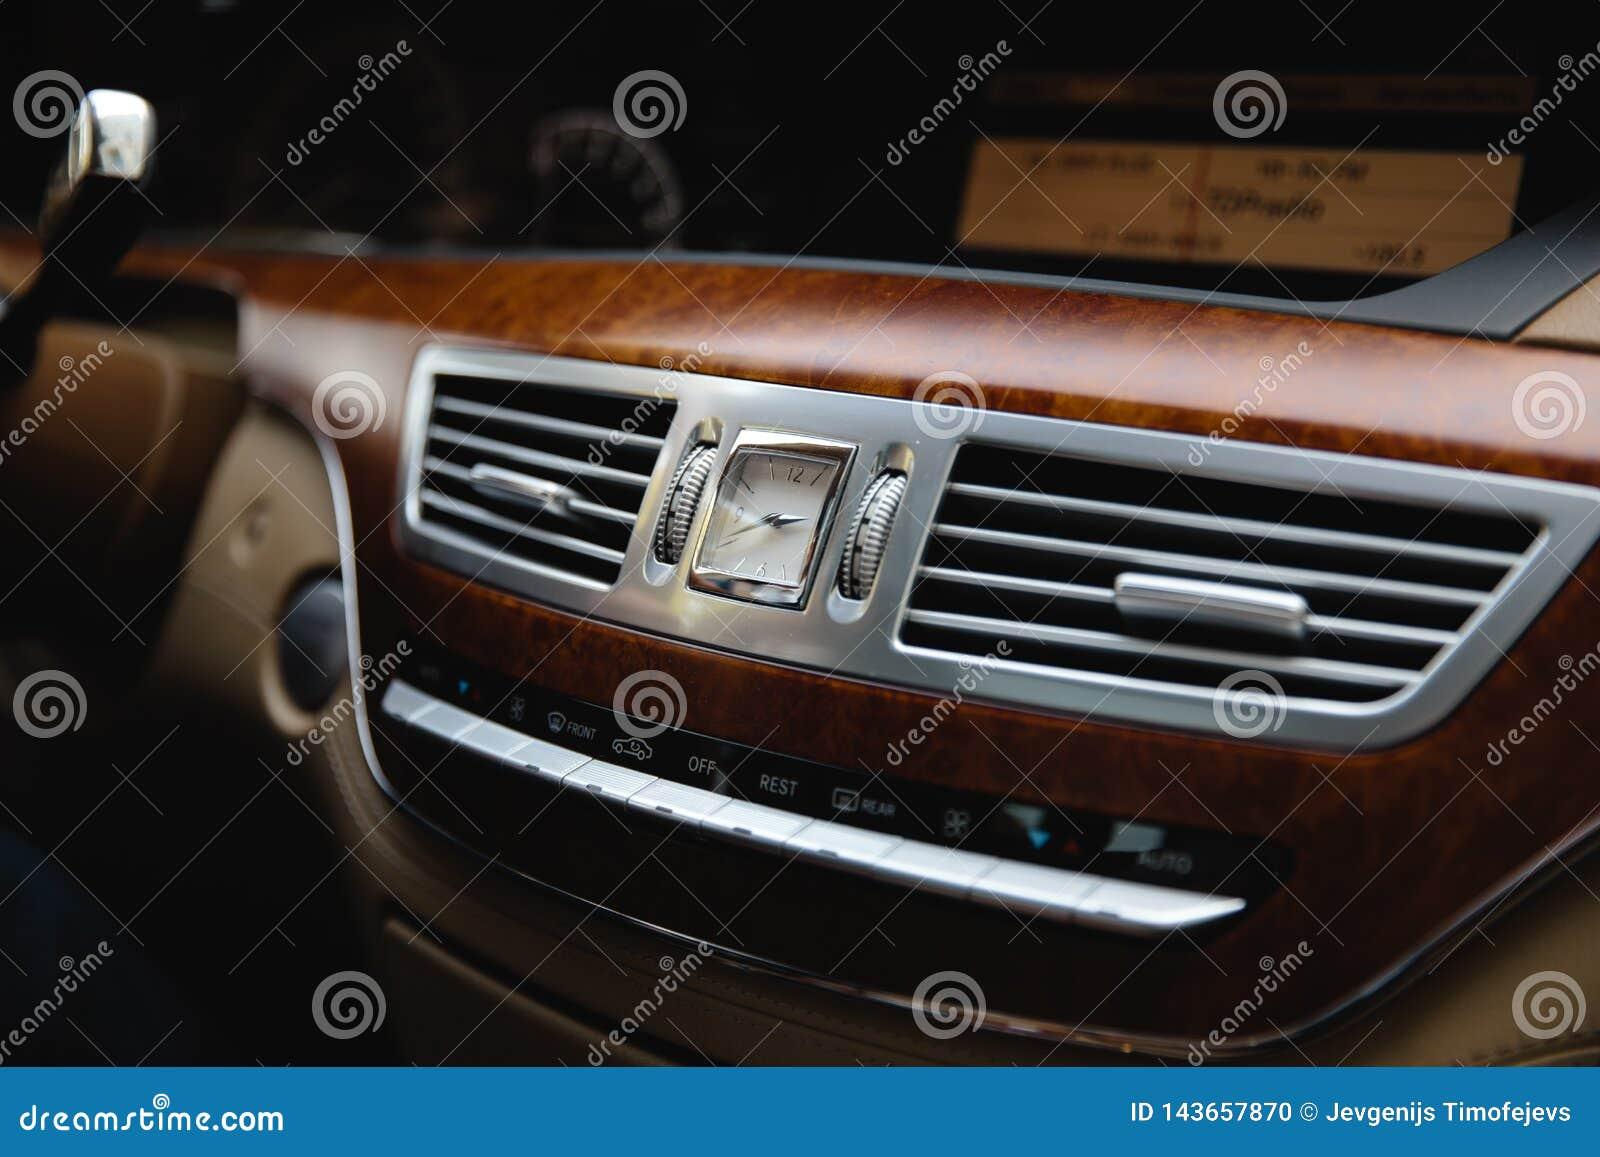 РИГА, ЛАТВИЯ - 28-ОЕ АВГУСТА 2018: Класс W221 Мерседес-Benz s Редакционное фото - внутреннее biege